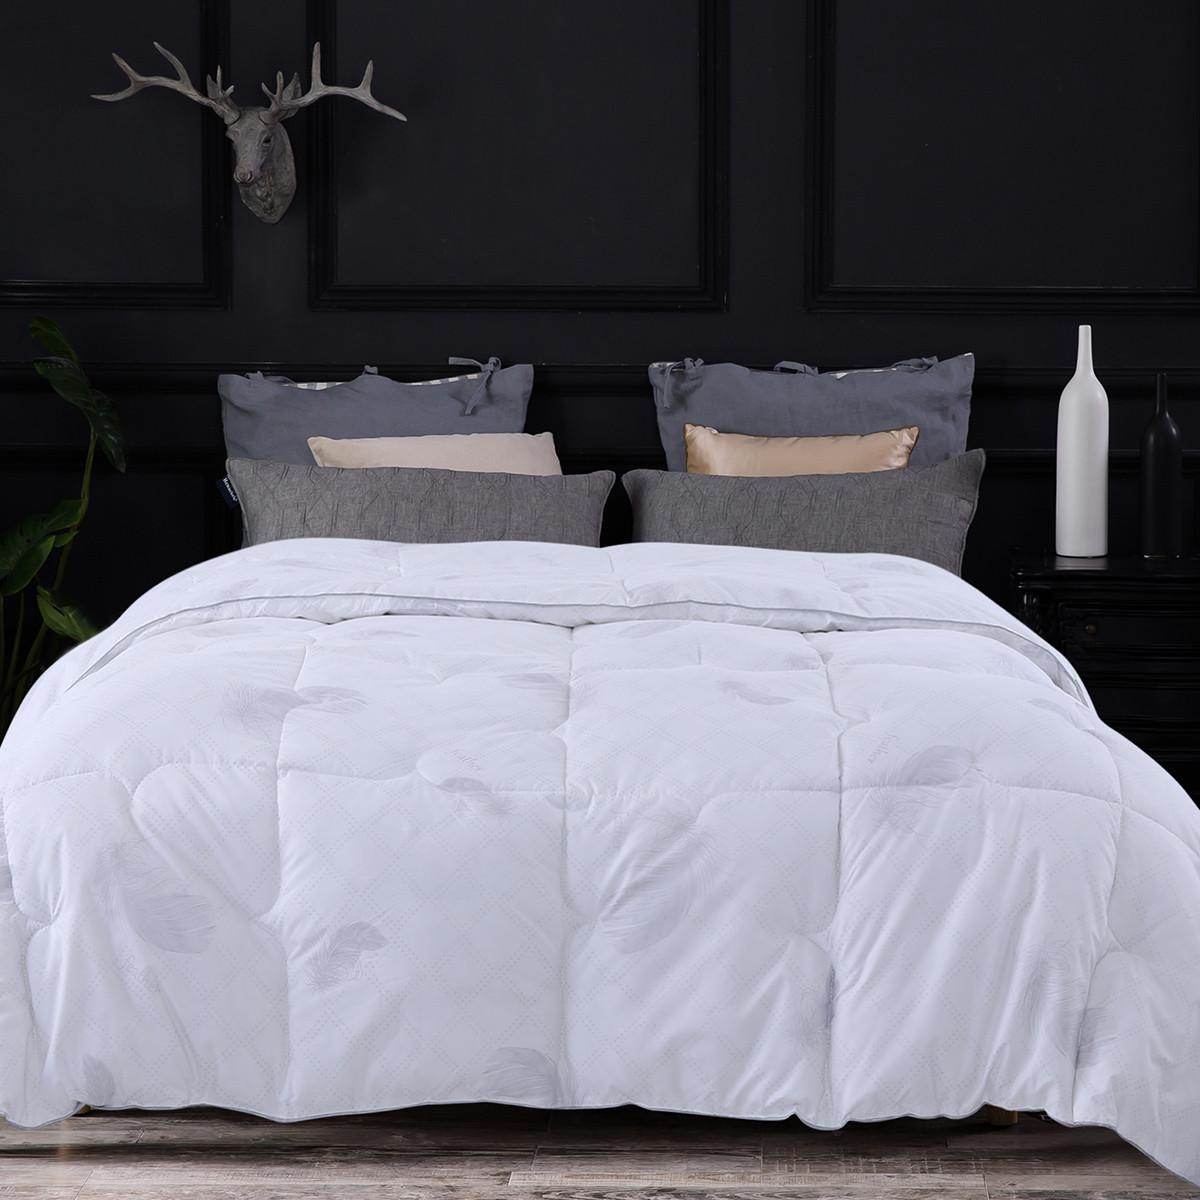 Ramada【年底清仓】柔系列防羽布床上用品被褥盖被被芯空调被被子COLOR白色